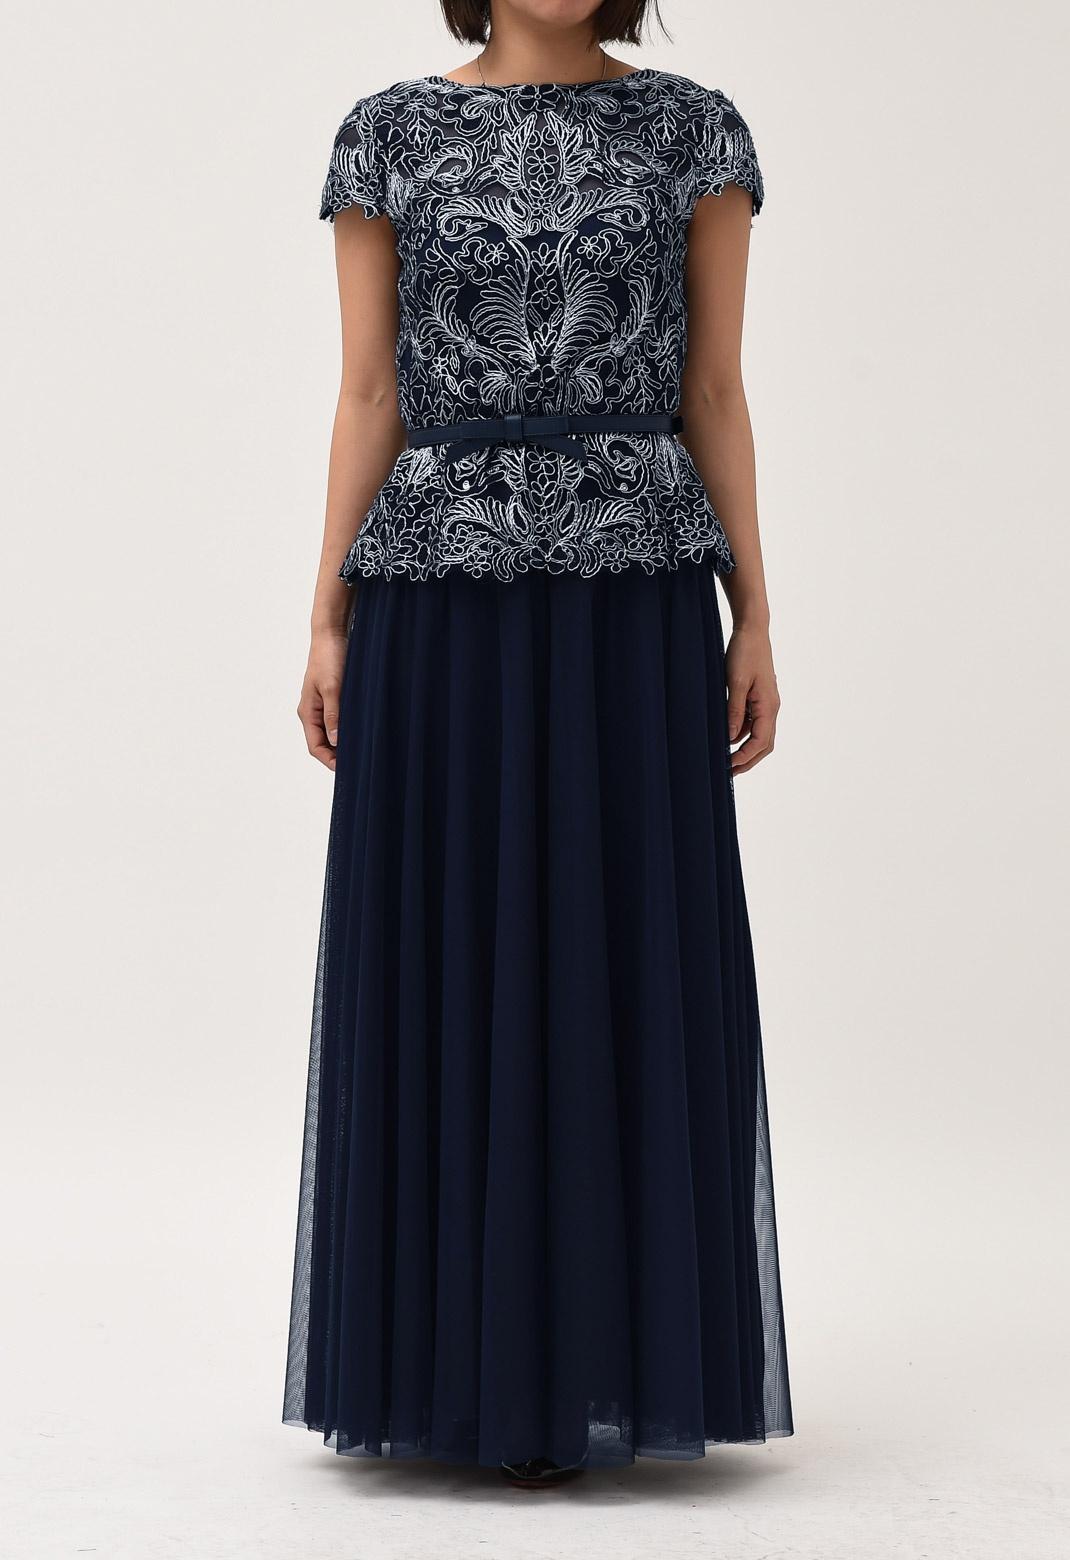 シルバー 刺繍 フレンチスリーブ ロング ドレス